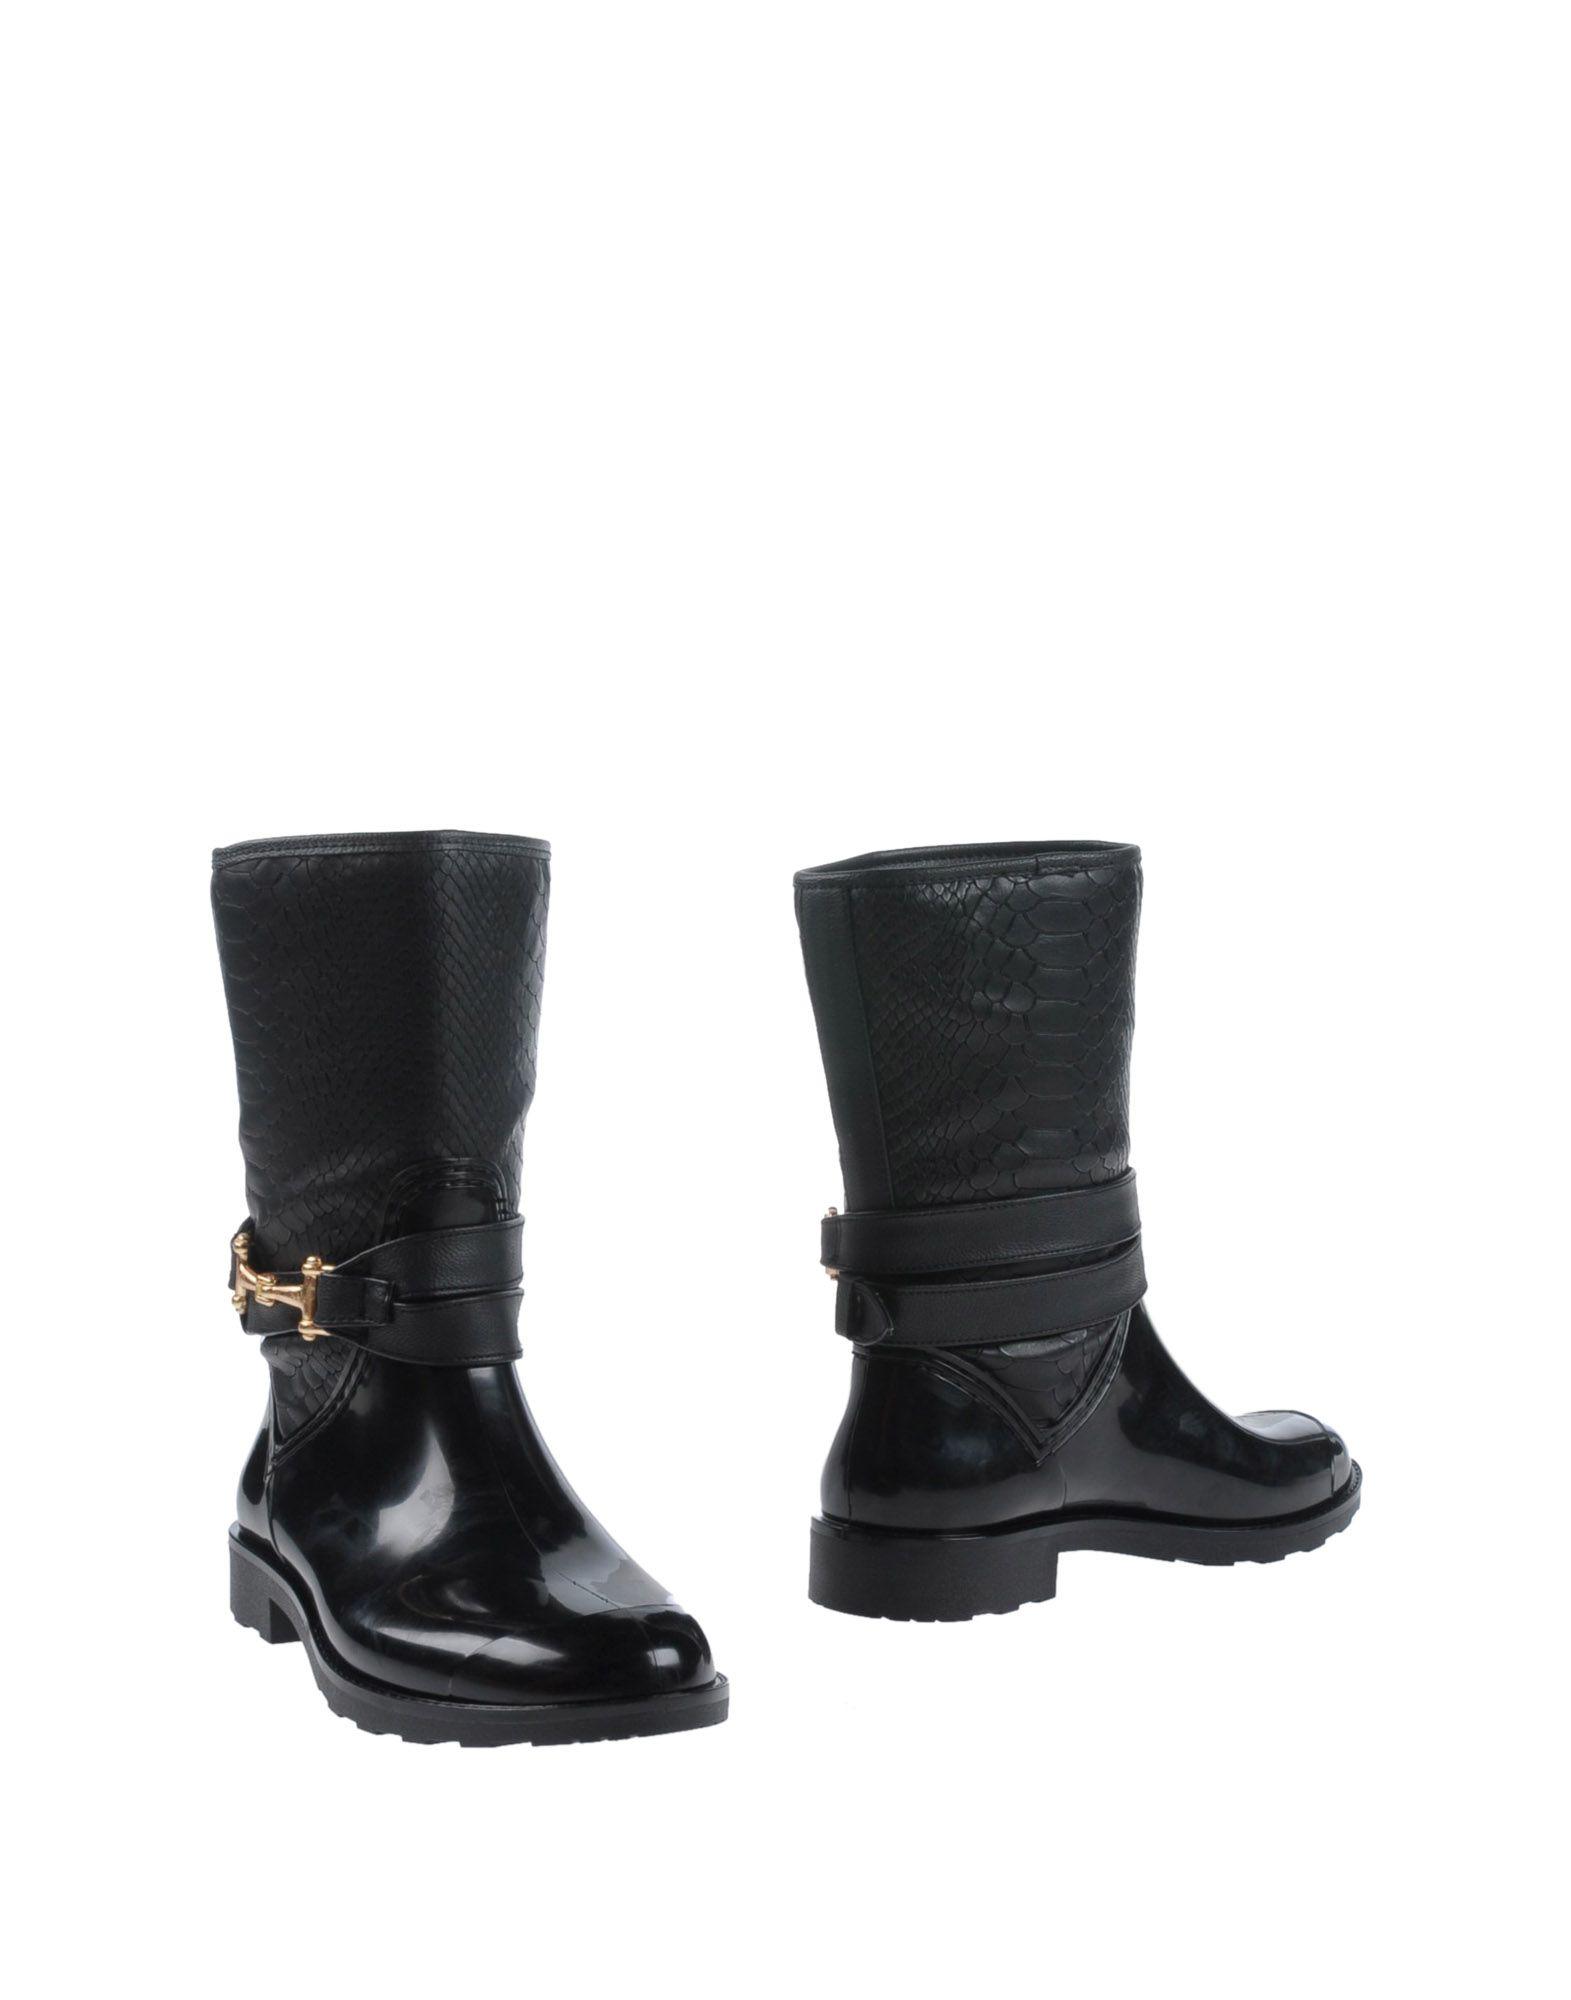 Gioseppo Stiefelette Damen  11035726TT Gute Qualität beliebte Schuhe